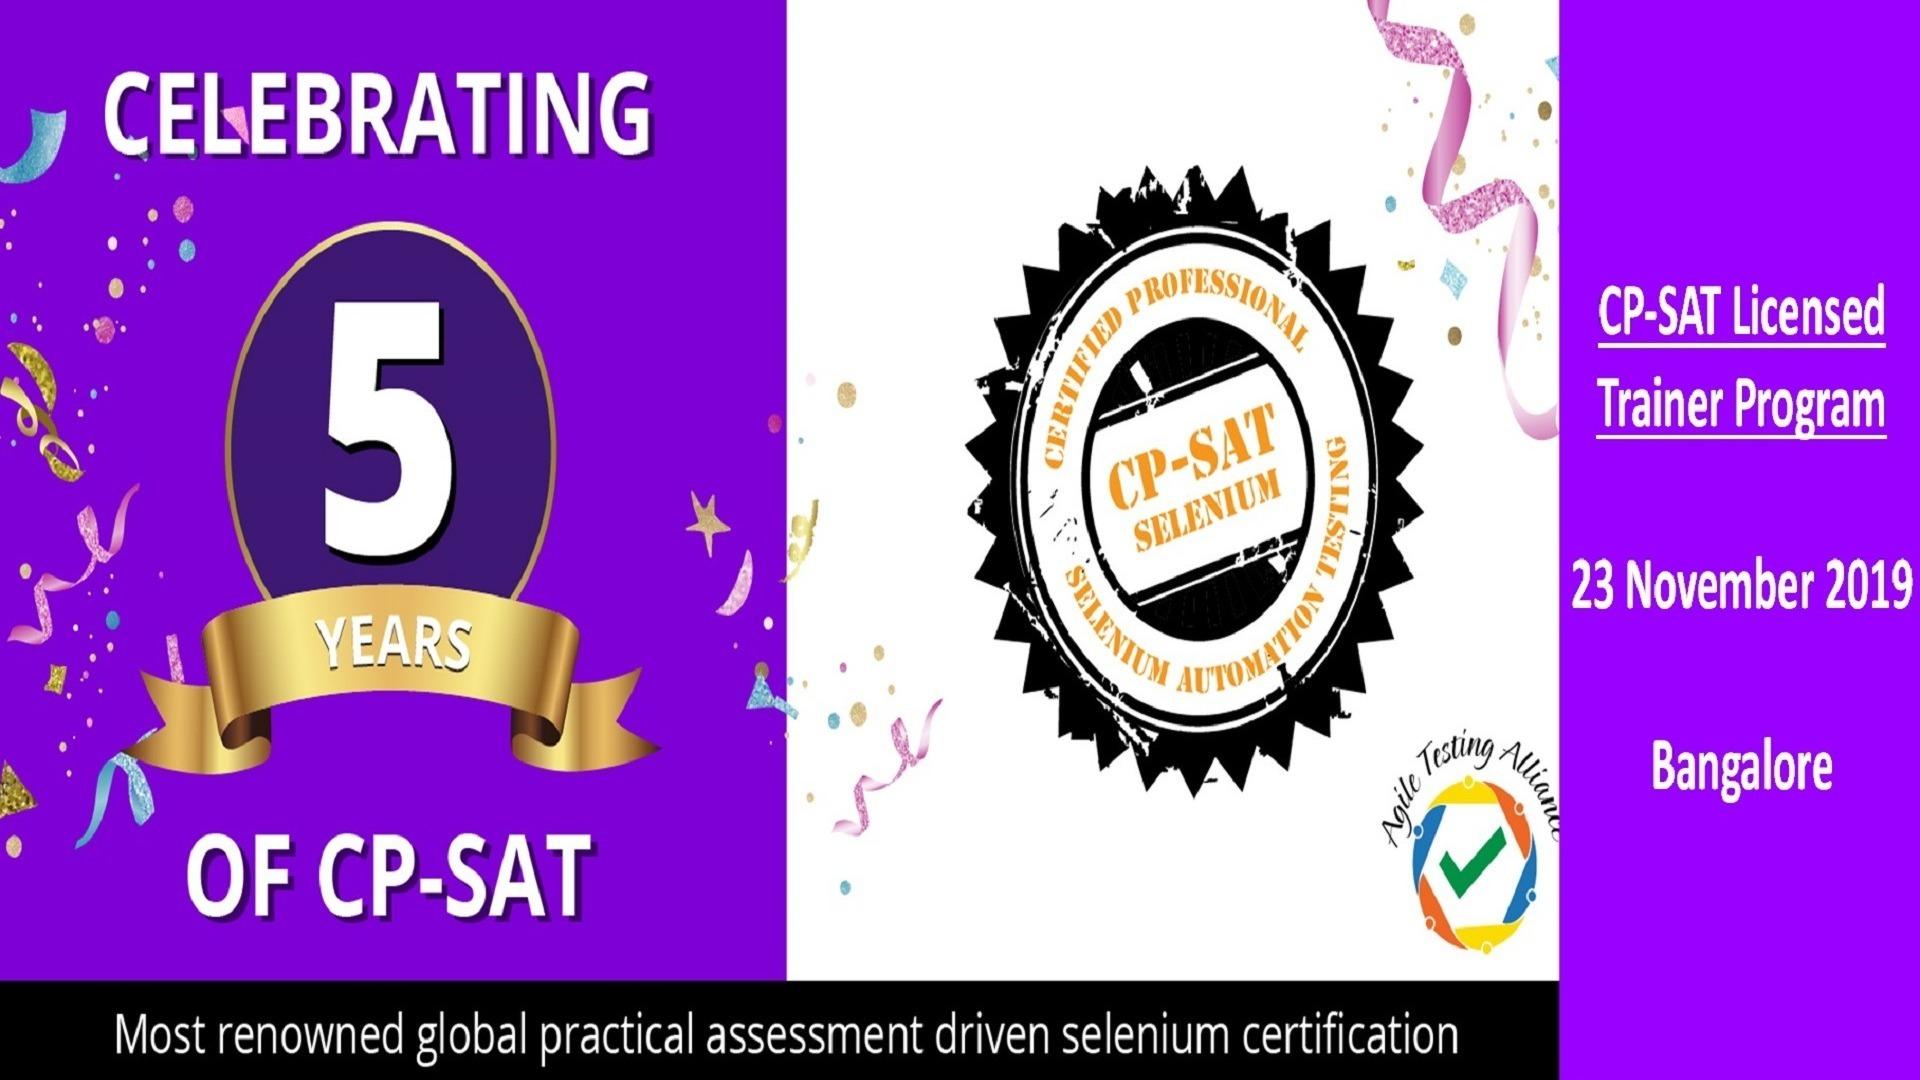 CPSAT_Licensed_Trainer_Program